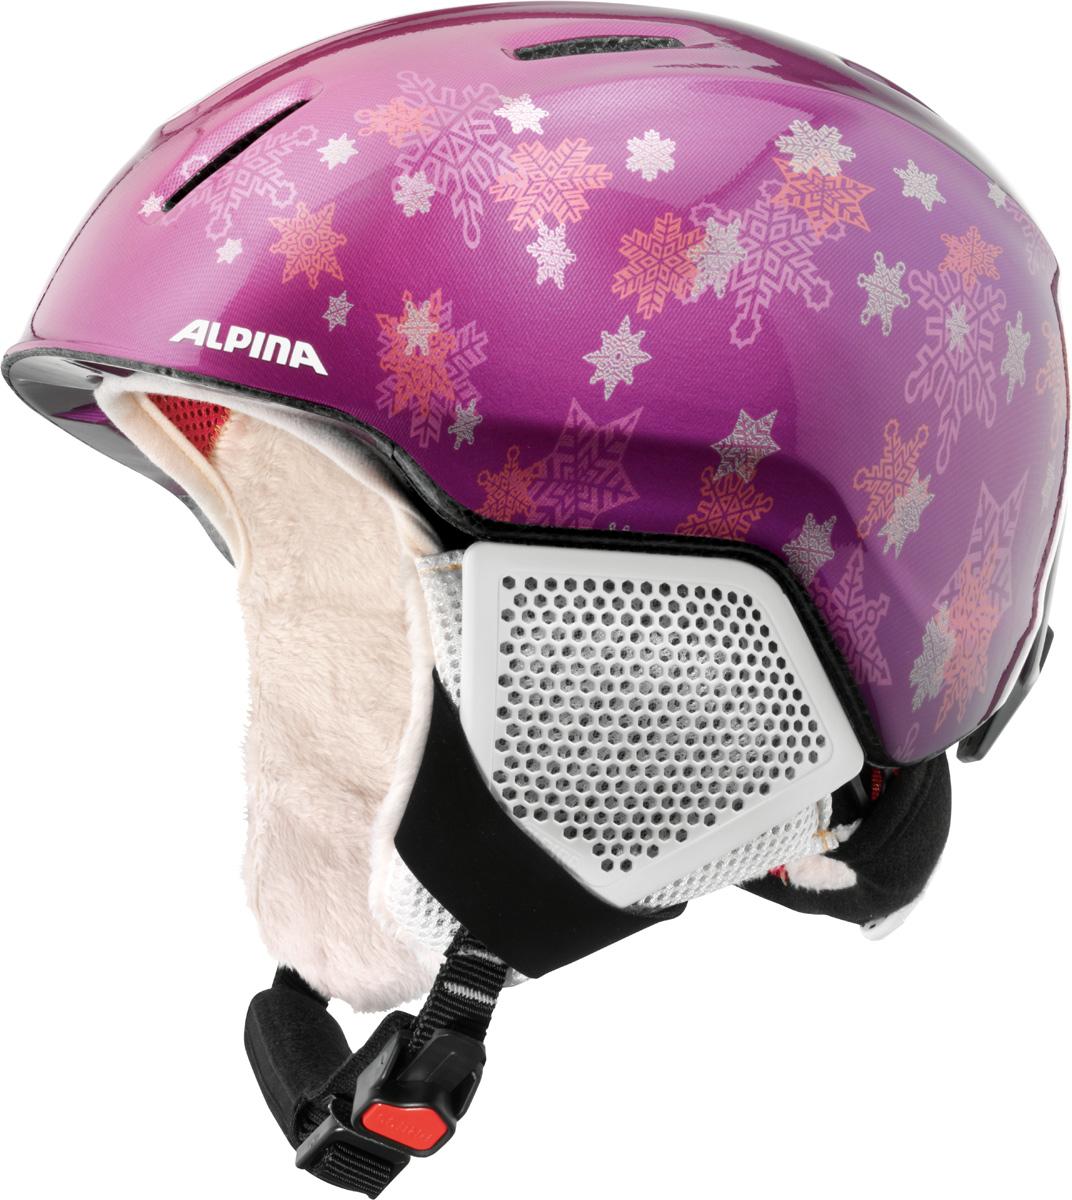 Шлем горнолыжный детский Alpina Carat LX, цвет: фиолетовый. A9081_52. Размер 48-52A9081_52Серия детских и подростковых шлемов Carat пополнилась моделью LX. Главным нововведением стало использование перфорации в жёстких наушниках, которые по-прежнему обеспечивают высокую степень защиты, но при этом позволяют слышать всё вокруг.• Вентиляционные отверстия препятствуют перегреву и позволяют поддерживать идеальную температуру внутри шлема. Для этого инженеры Alpina используют эффект Вентури, чтобы сделать циркуляцию воздуха постоянной и максимально эффективной.• Внутренник шлема легко вынимается, стирается, сушится и вставляется обратно.• Из задней части шлема можно достать шейный утеплитель из мякого микро-флиса. Этот теплый воротник также защищает шею от ударов на высокой скорости и при сибирских морозах. В удобной конструкции отсутствуют точки давления на шею.• Прочная и лёгкая конструкция In-mold. Тонкая и прочная поликарбонатная оболочка под воздействием высокой температуры и давления буквально сплавляется с гранулами EPS, которые гасят ударную нагрузку.• Внутренная оболочка каждого шлема Alpina состоит из гранул HI-EPS (сильно вспененного полистирола). Микроскопические воздушные карманы эффективно поглощают ударную нагрузку и обеспечивают высокую теплоизоляцию. Эта технология позволяет достичь минимальной толщины оболочки. А так как гранулы HI-EPS не впитывают влагу, их защитный эффект не ослабевает со временем.• Удобная и точная система регулировки Run System Ergo Snow позволяет быстро и комфортно подогнать шлем по голове, без создания отдельных точек избыточного давления.• Y-образный ремнераспределитель двух ремешков находится под ухом и обеспечивает быструю и точную посадку шлема на голове.• Вместо фастекса на ремешке используется красная кнопка с автоматическим запирающим механизмом, которую легко использовать даже в лыжных перчатках. Механизм защищён от произвольного раскрытия при падении.